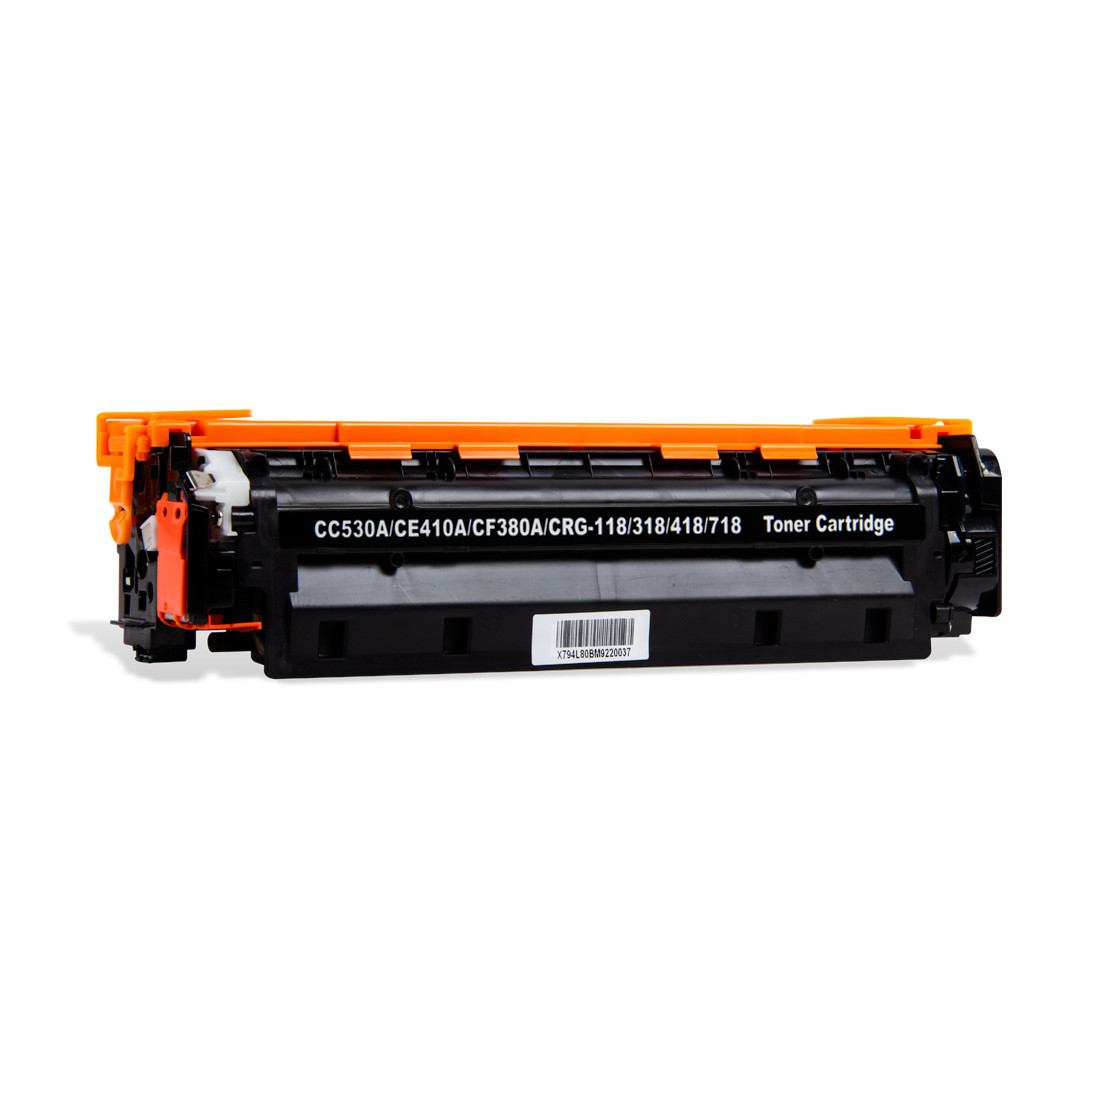 Картридж Colorfix CC530A/CE410A/CF380A, Чёрный, Для принтеров HP CLJ CP2020/2024/2025/2026/2027/2320